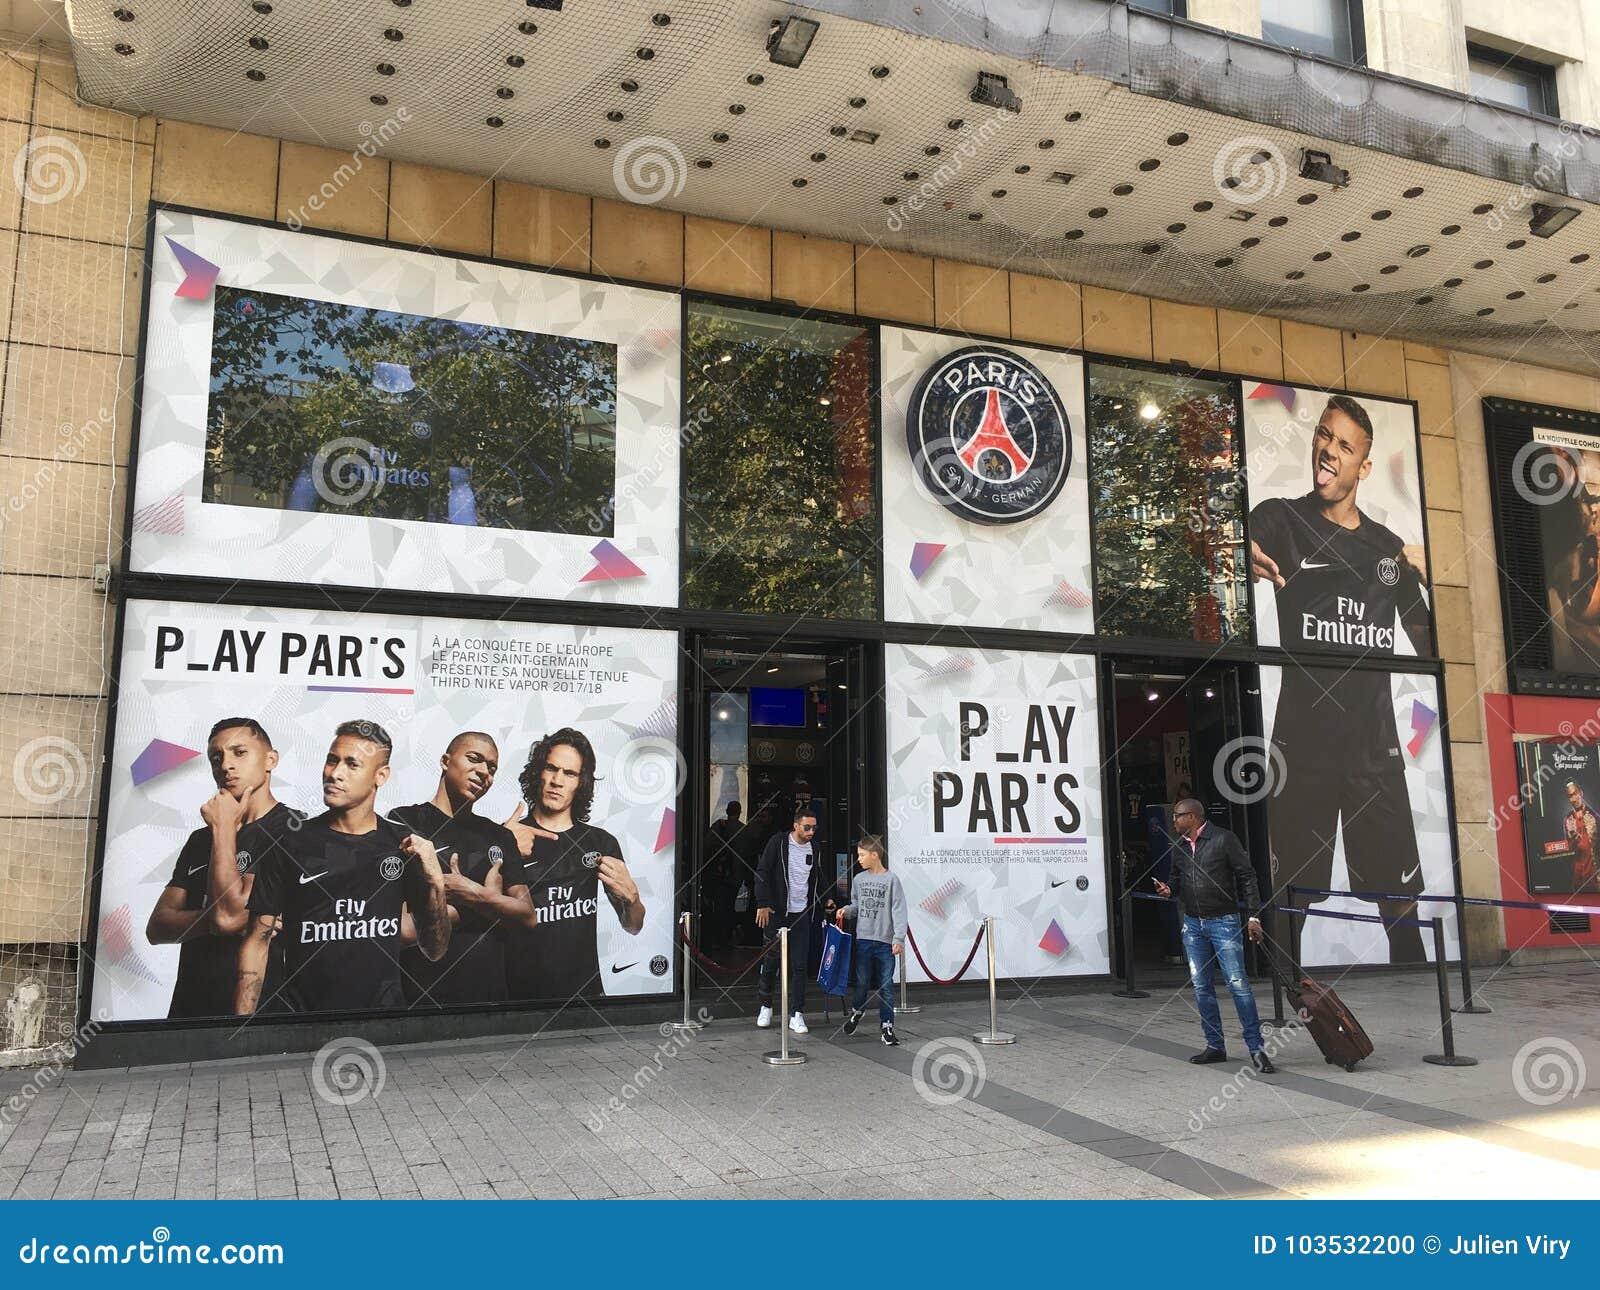 Offizieller Shop PSG auf Les Champs-Elysees Paris Frankreich